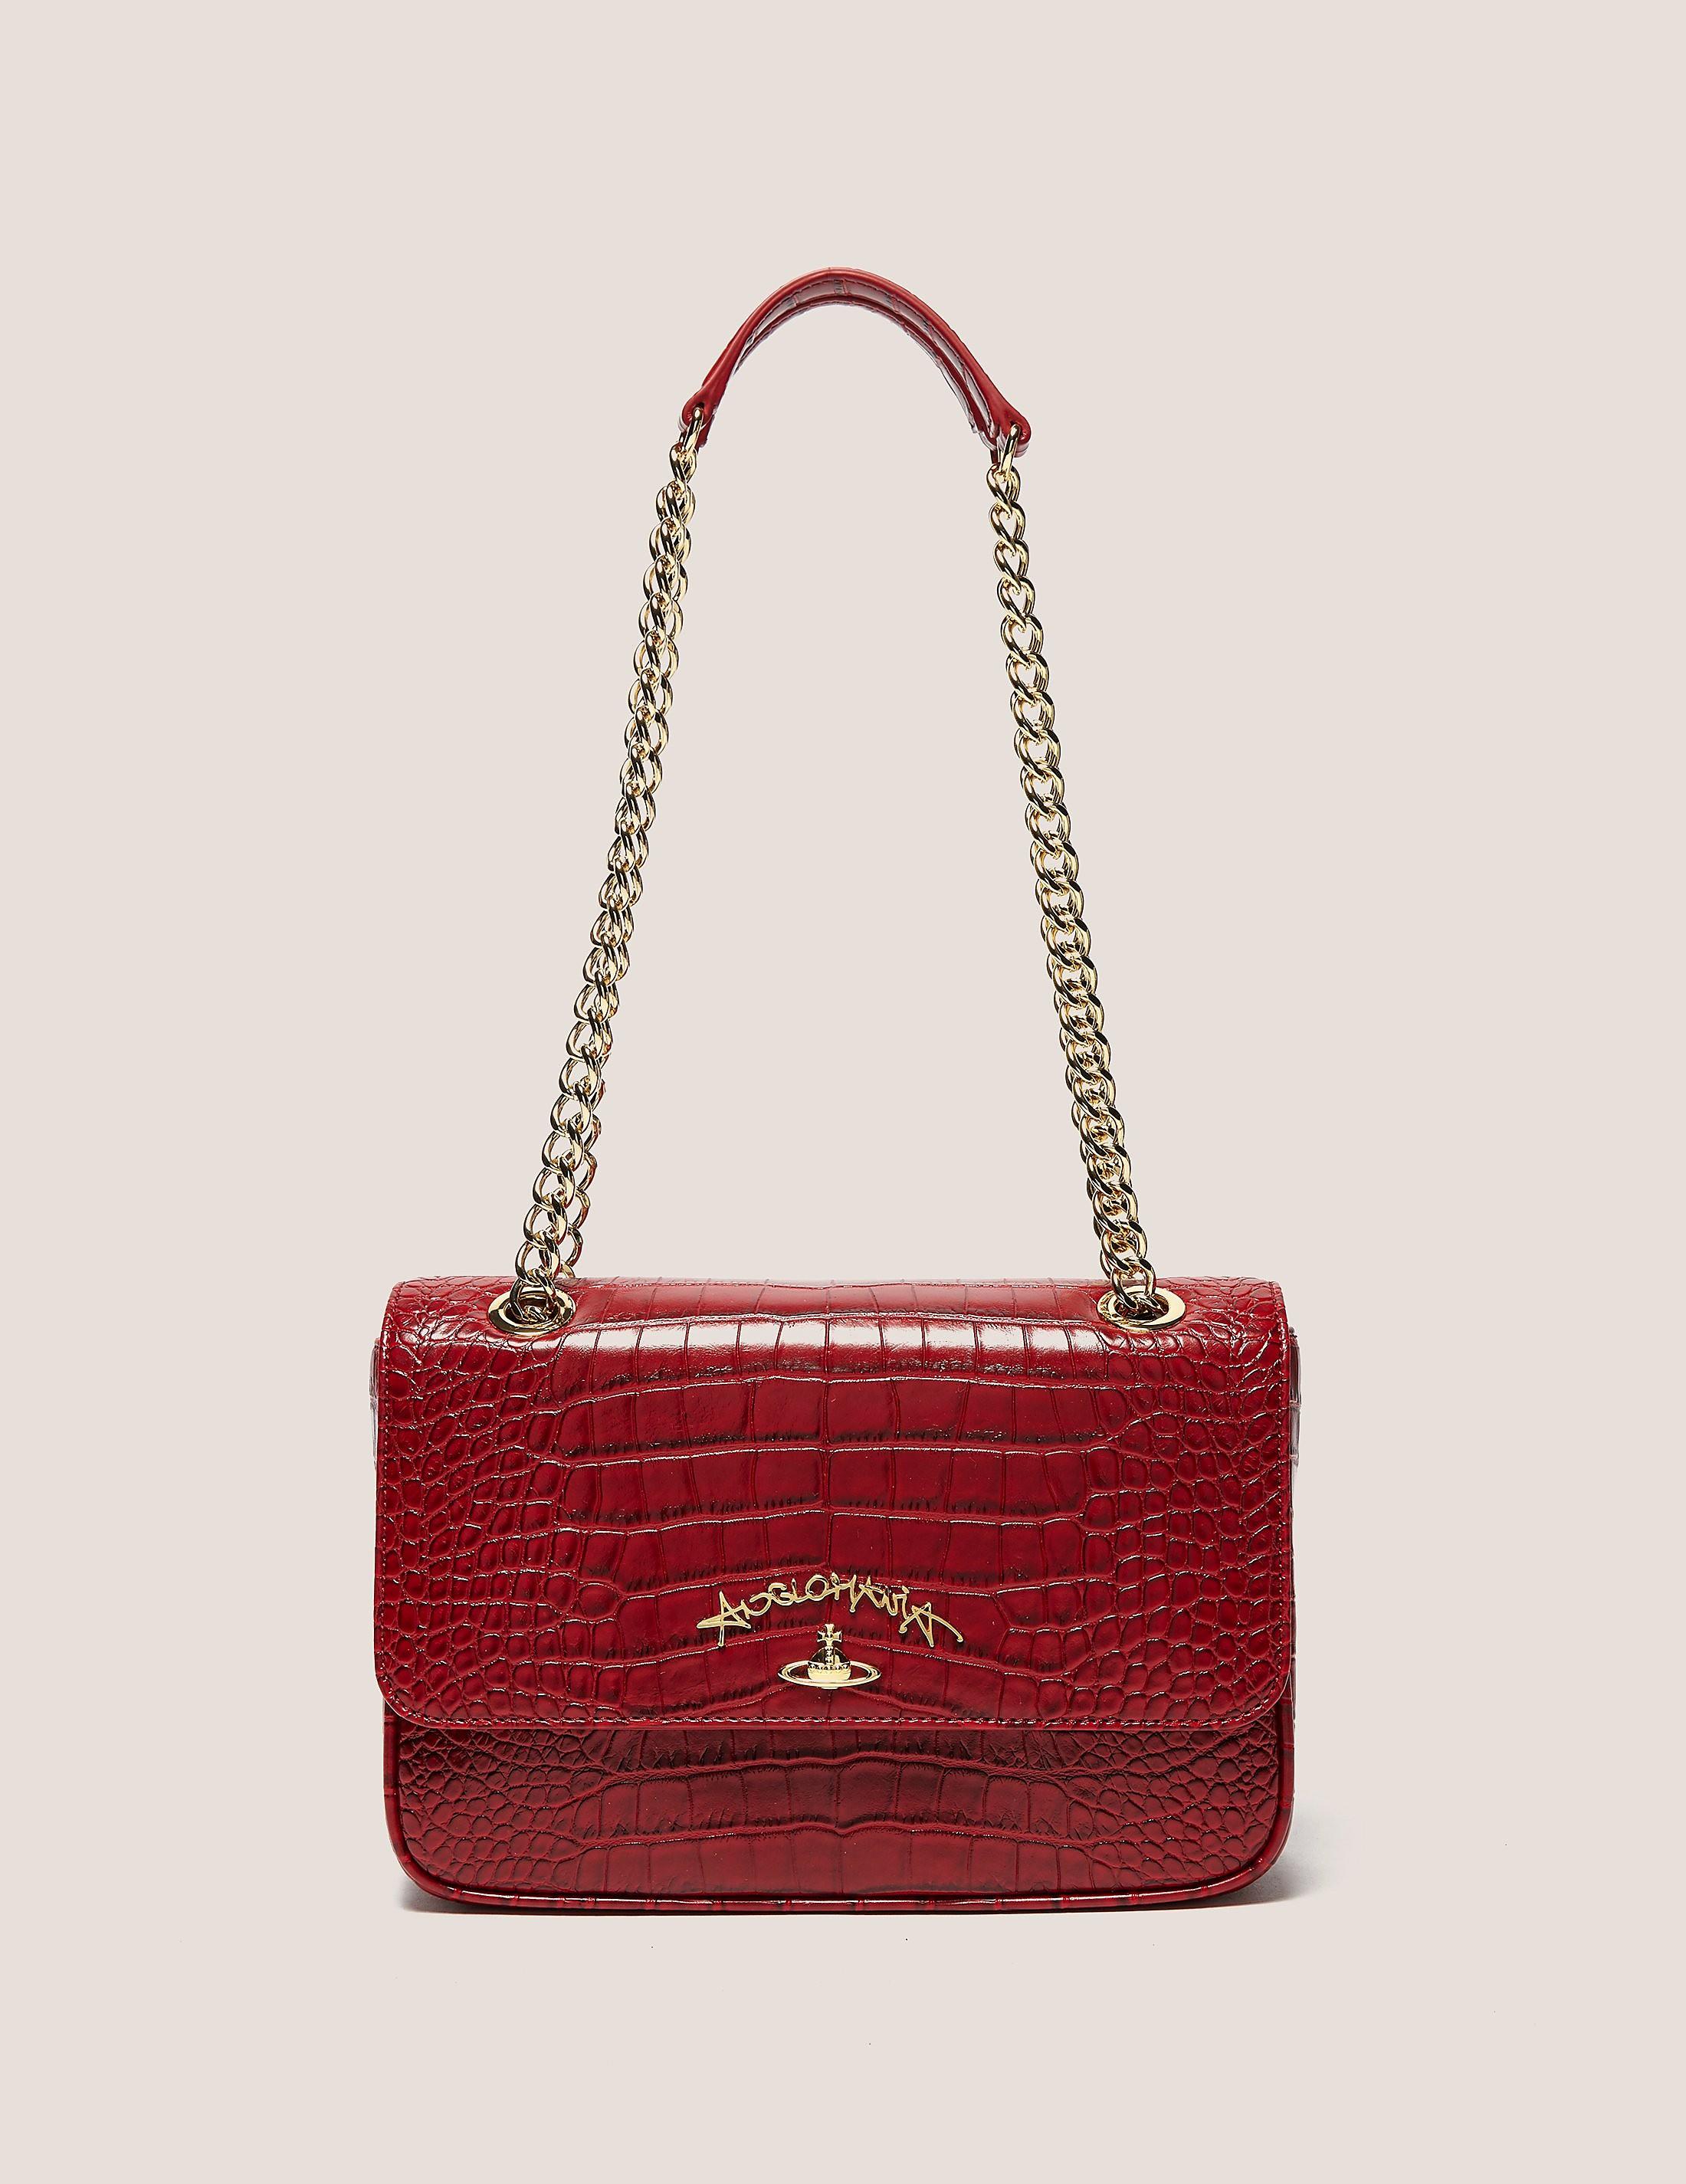 Vivienne Westwood Dorset Crocodile Skin Chain Bag